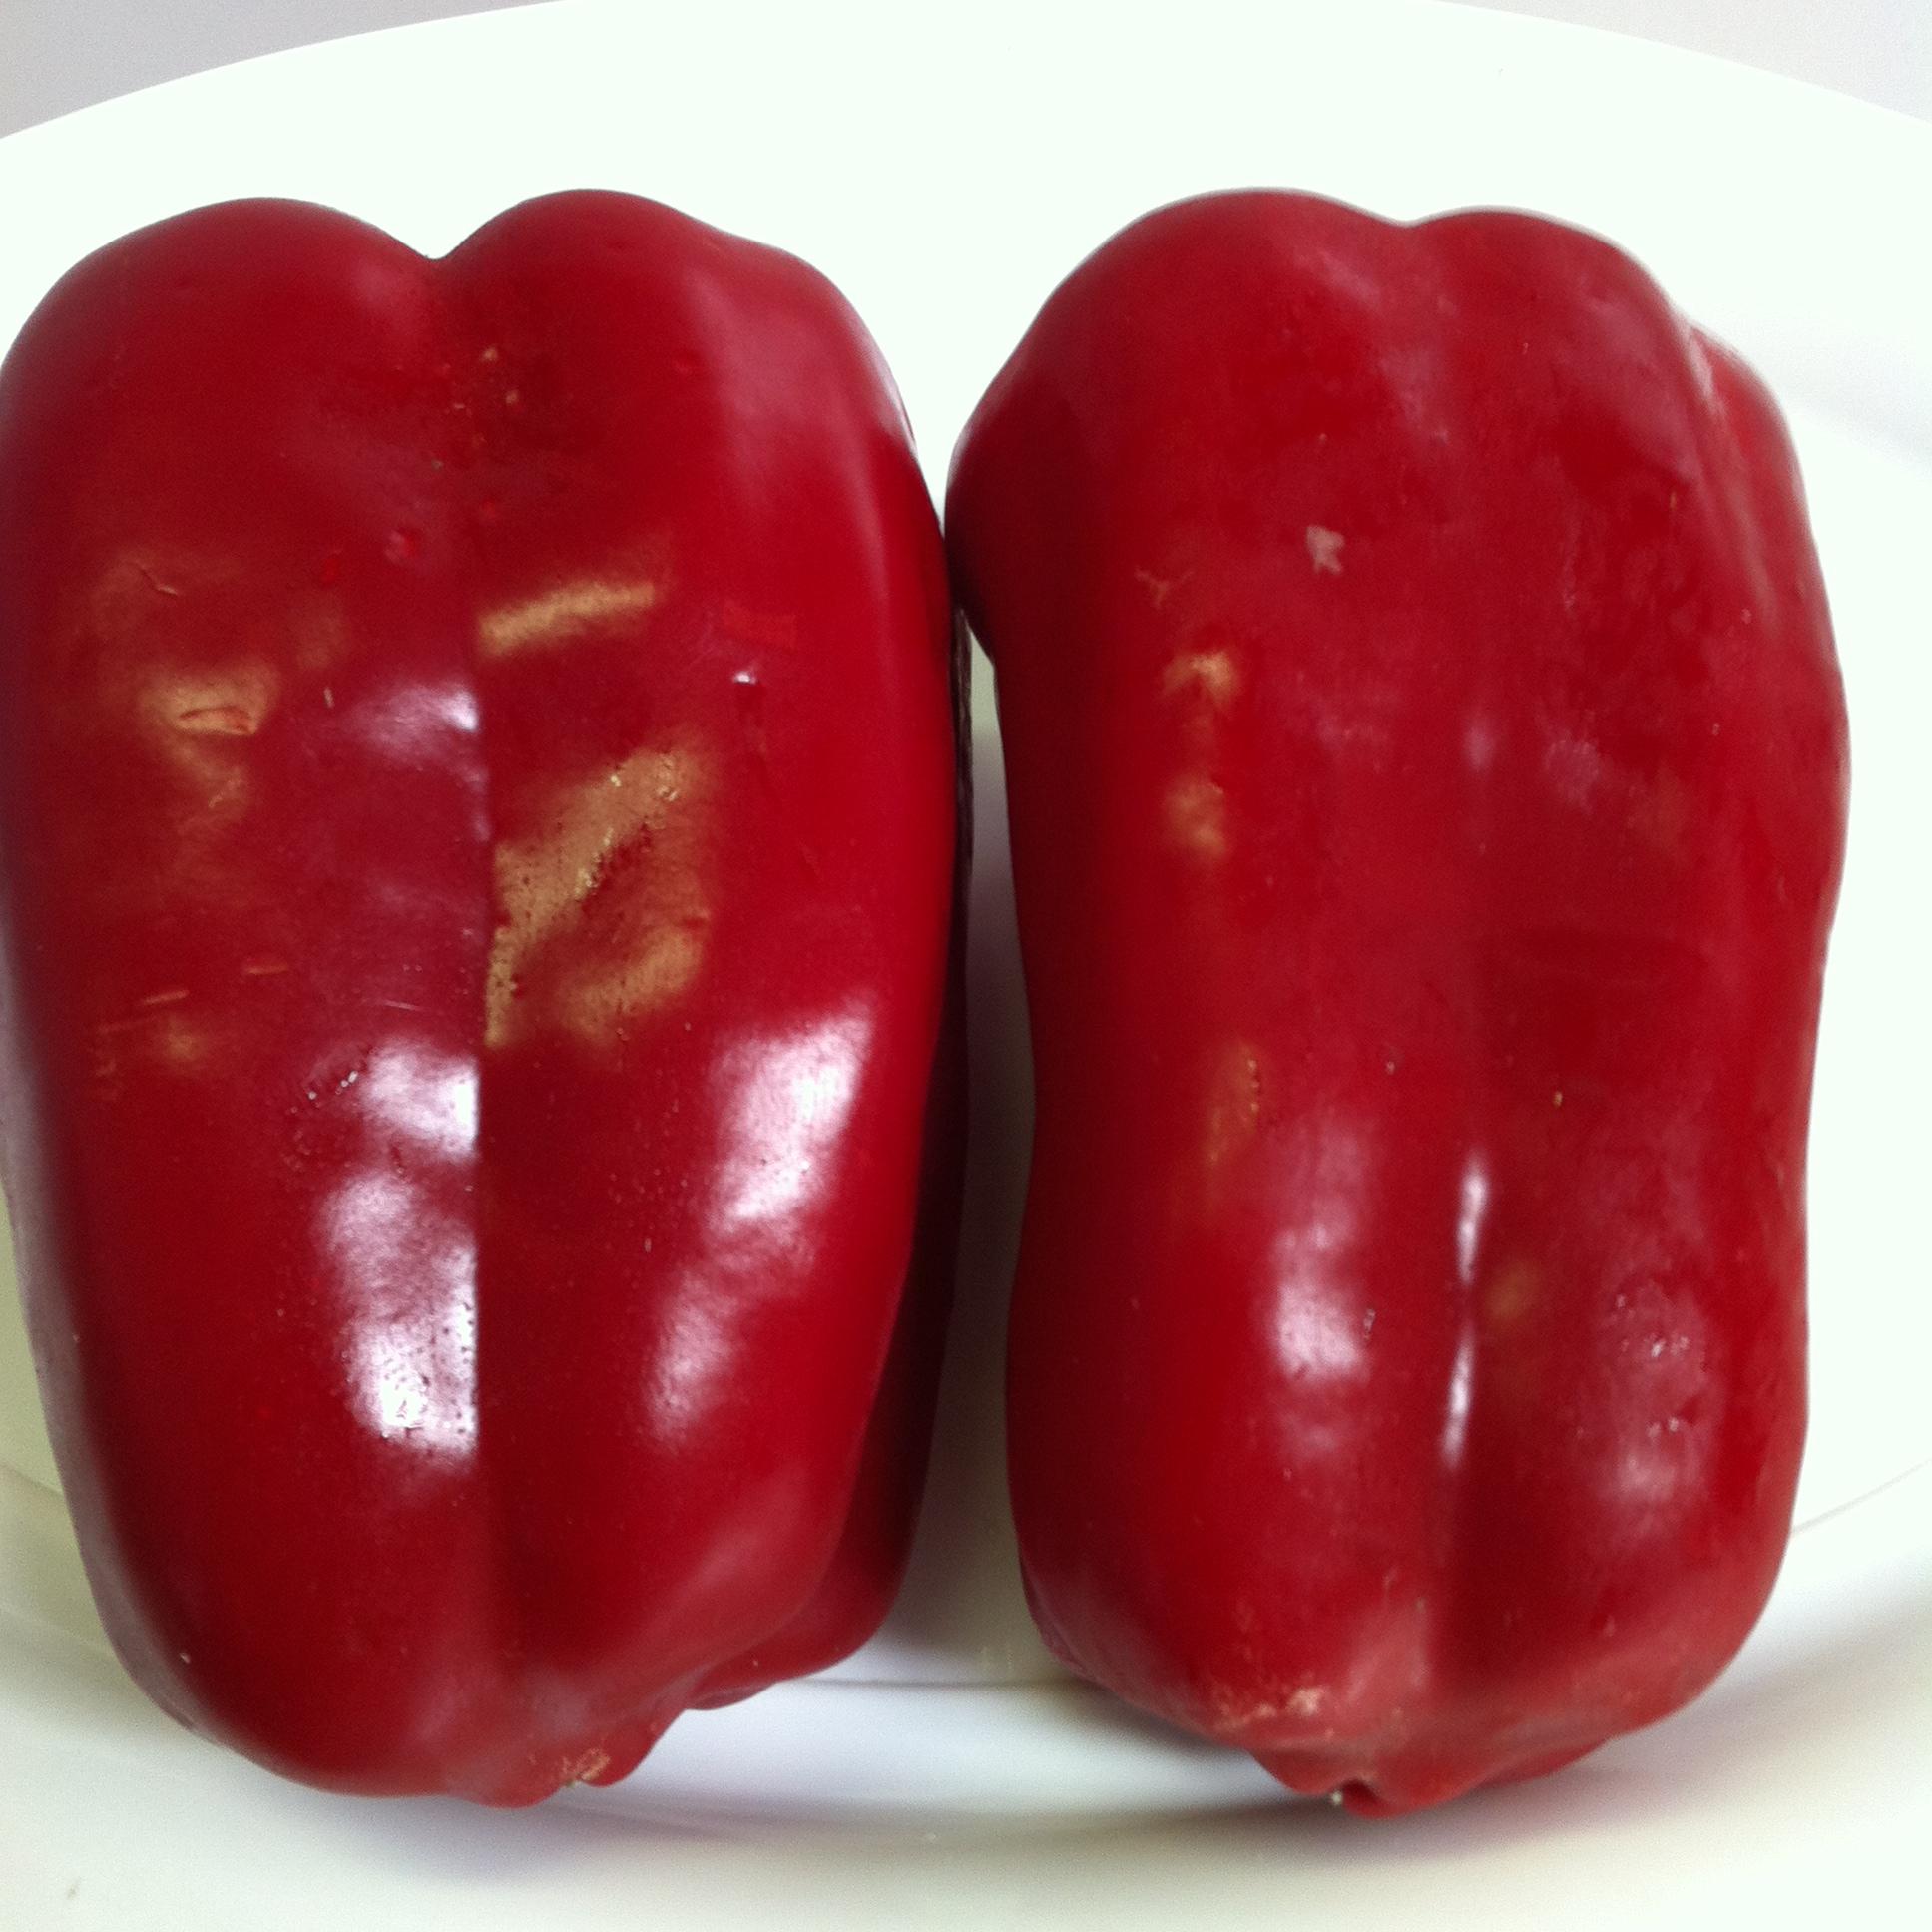 Red capsicum kg